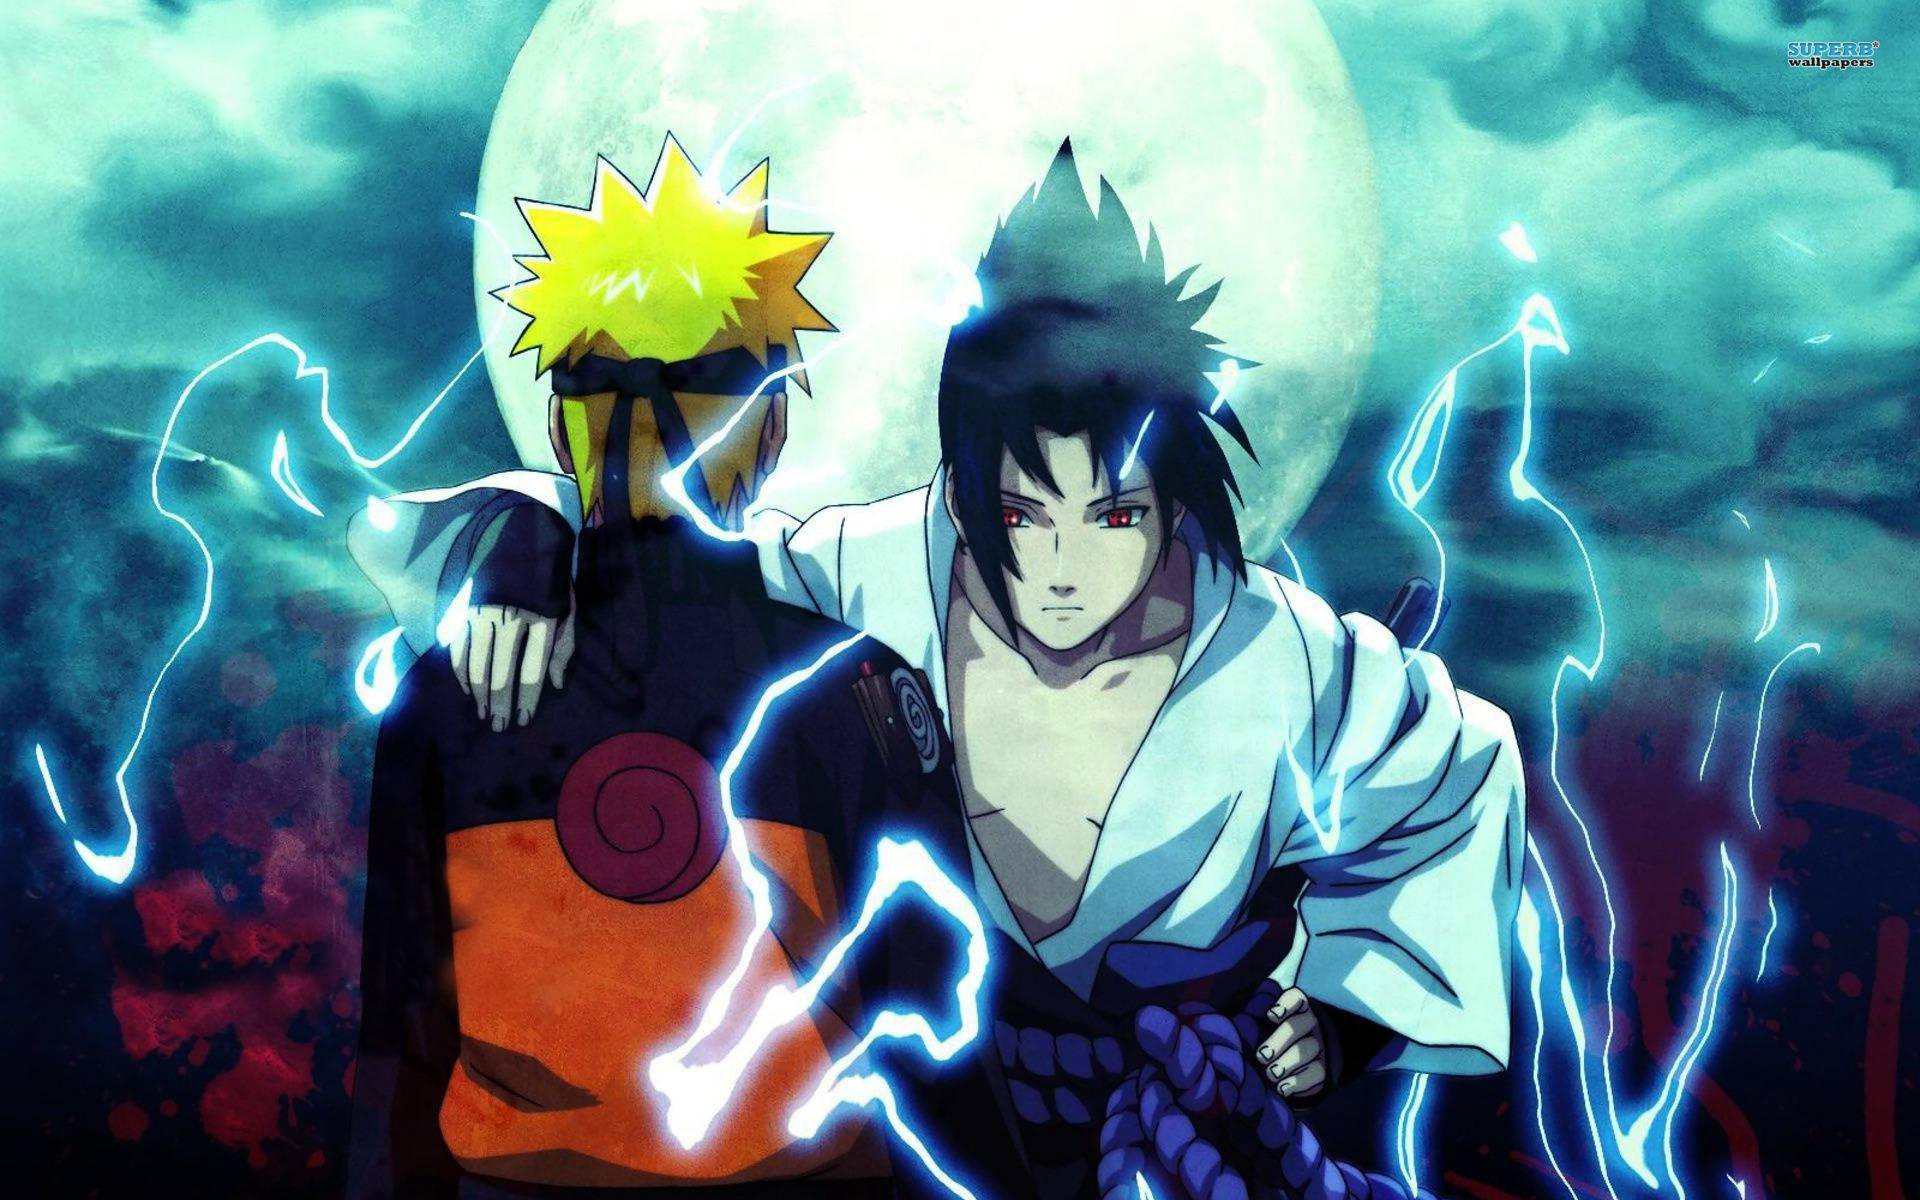 Naruto Vs Sasuke 4k Wallpapers For Android Naruto And